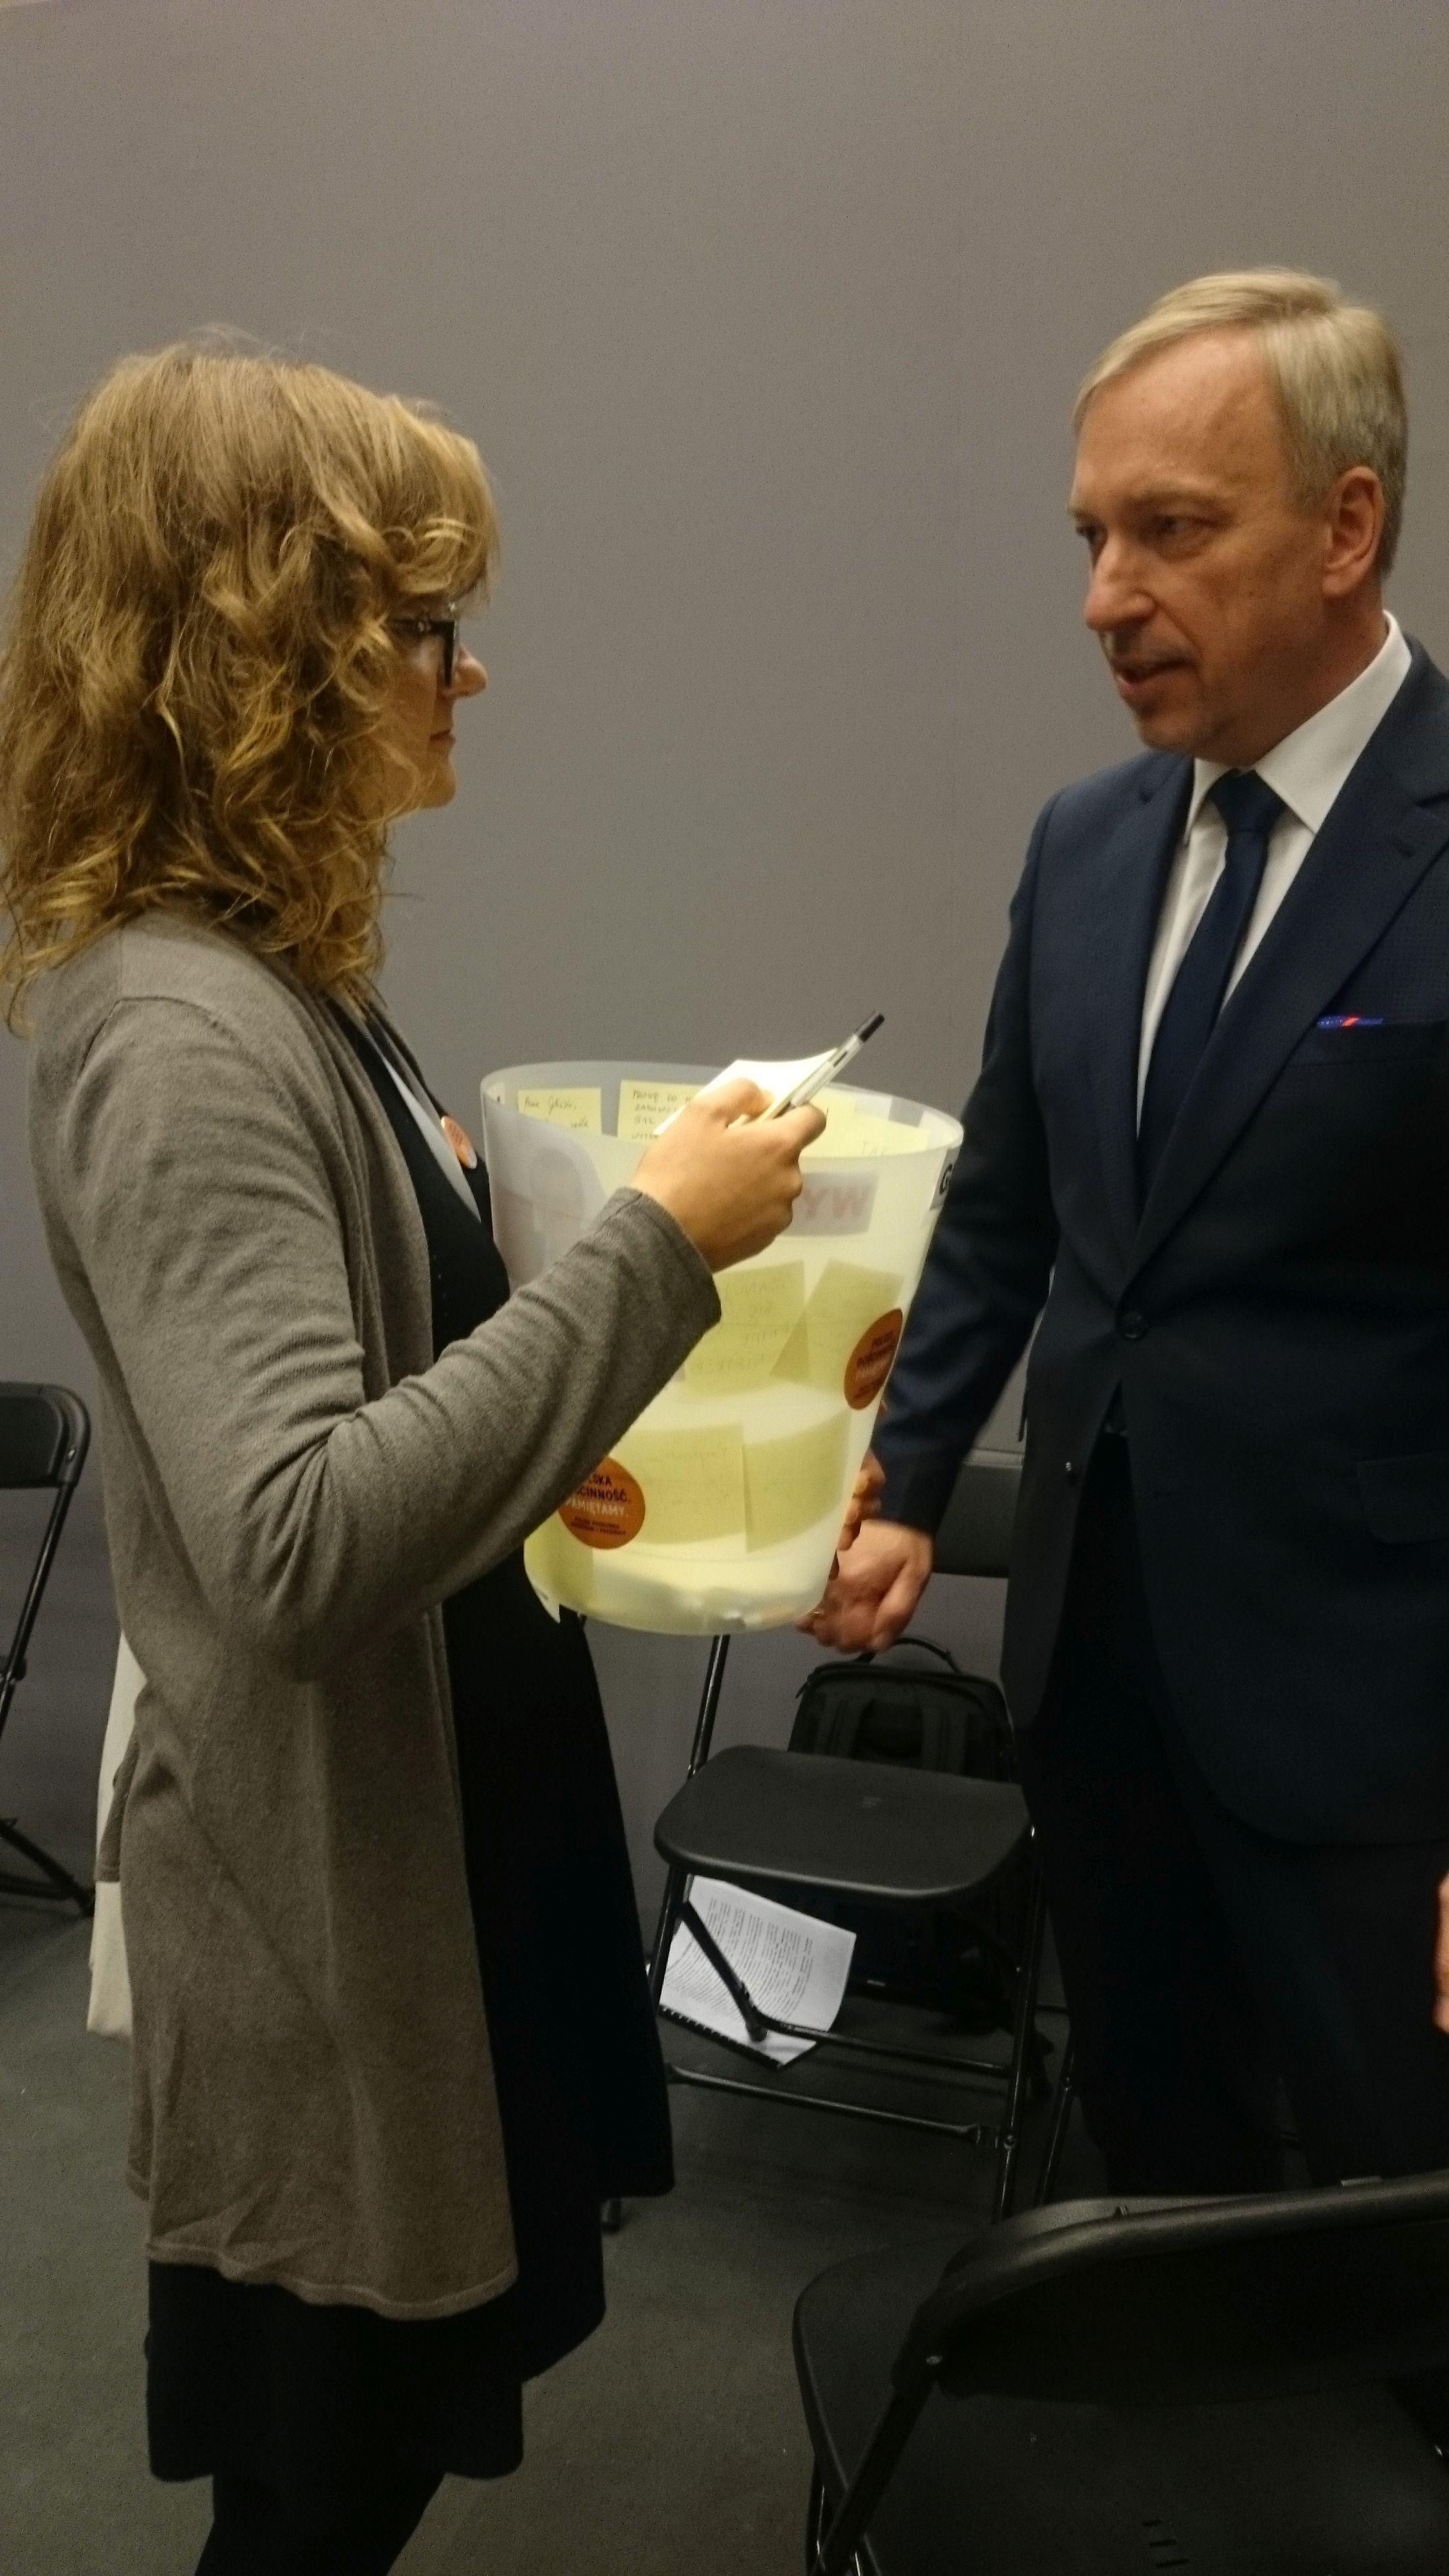 Spotkanie zministrem Bogdanem Zdrojewskim, Kongres Kultury 2016